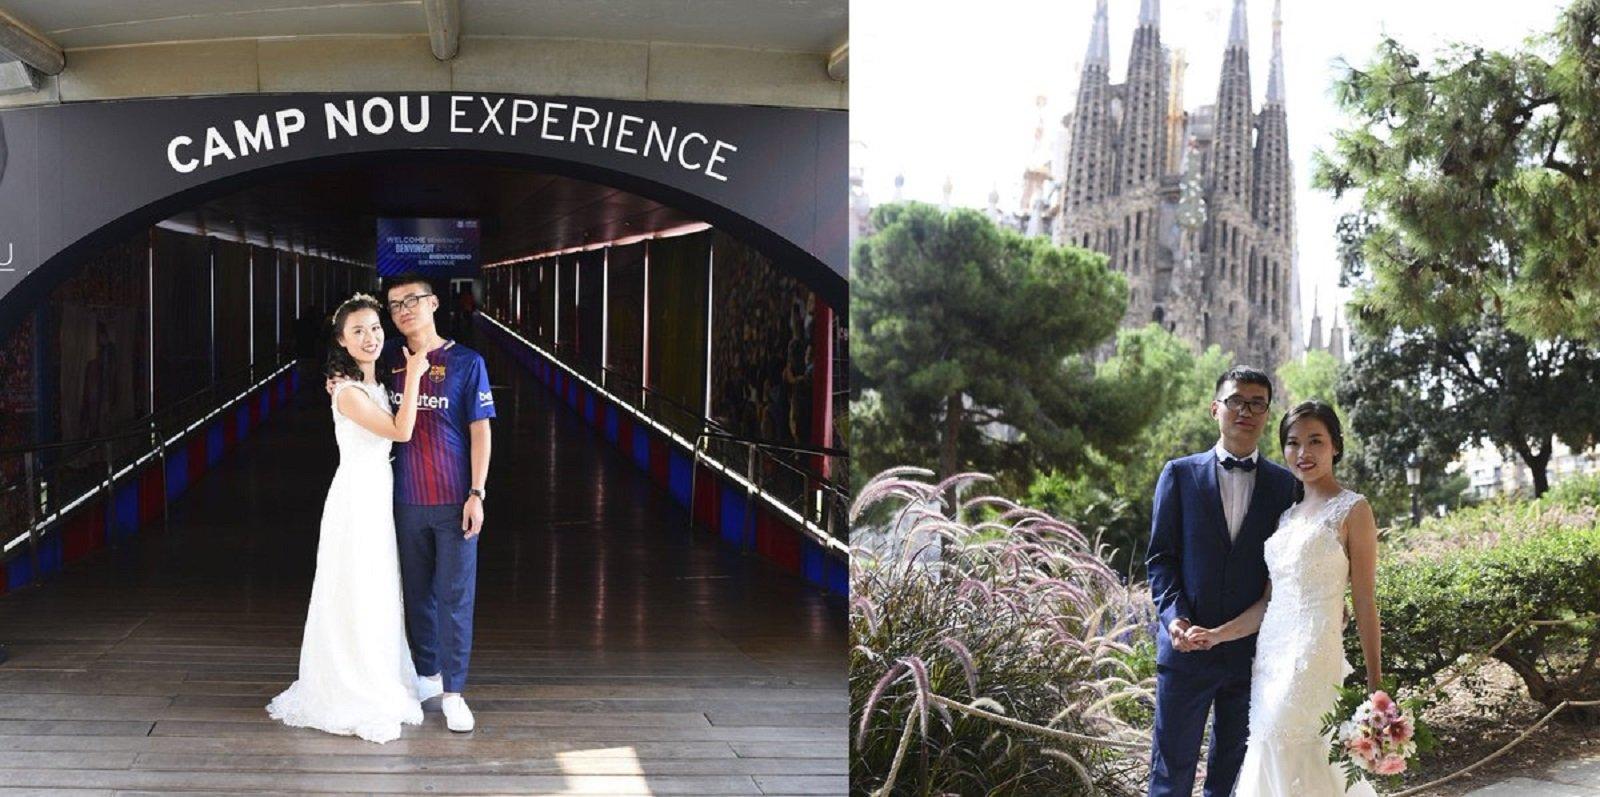 web para encontrar pareja barcelona